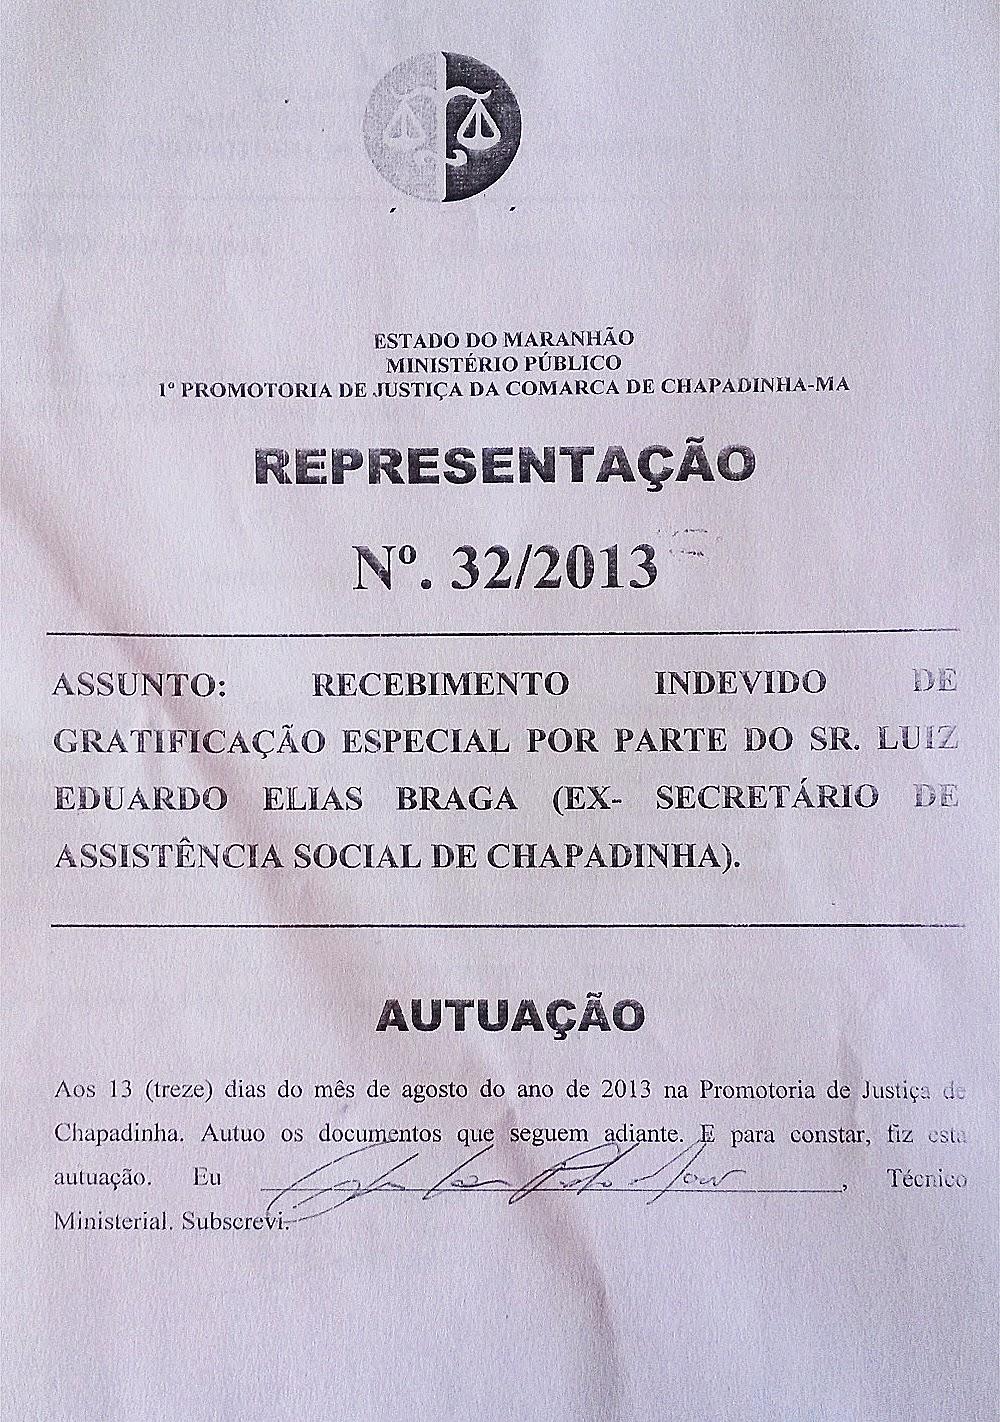 Chapadinha-MA: Gratificação ilegal - Representação no MP-MA